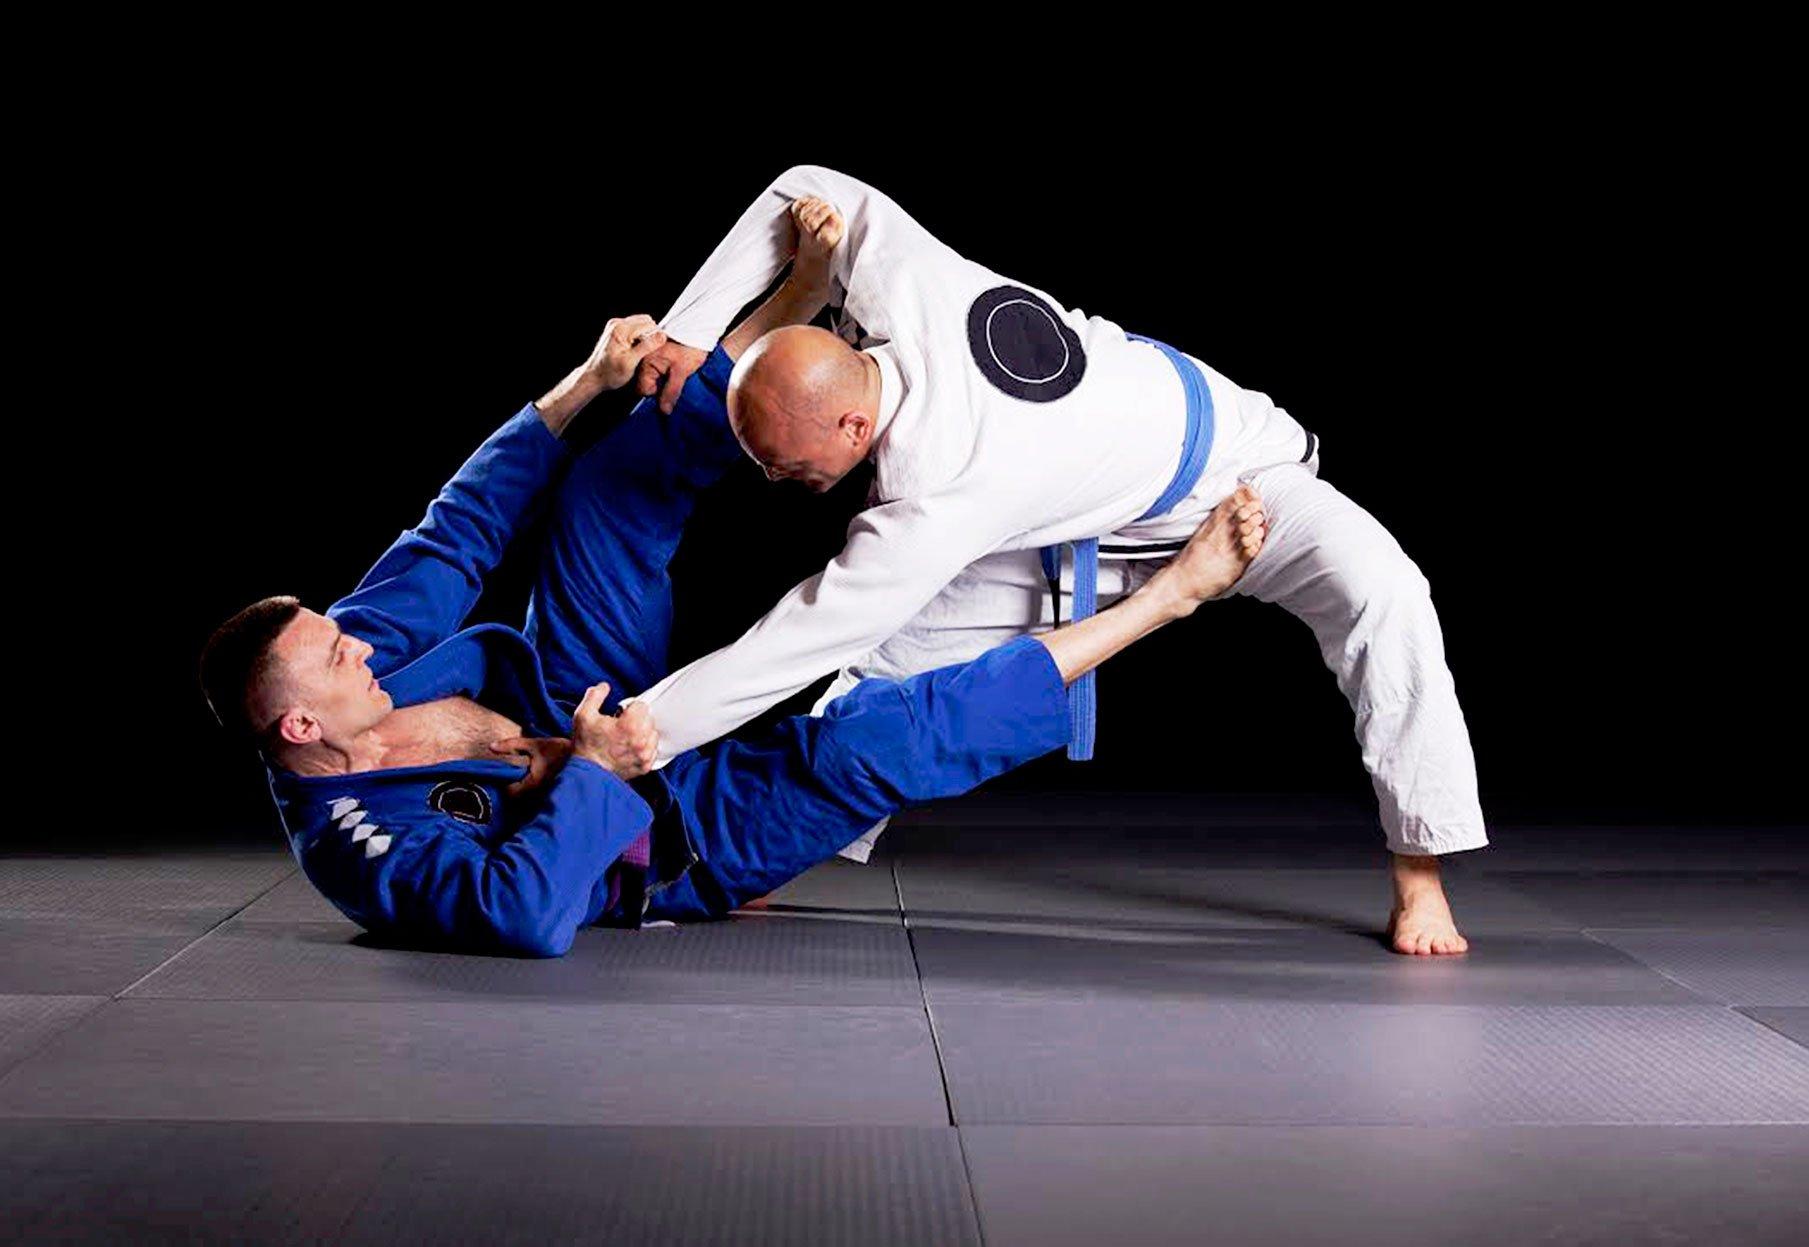 Os treinos de jiu-jitsu eram praticados em uma residência na zona leste de Teresina